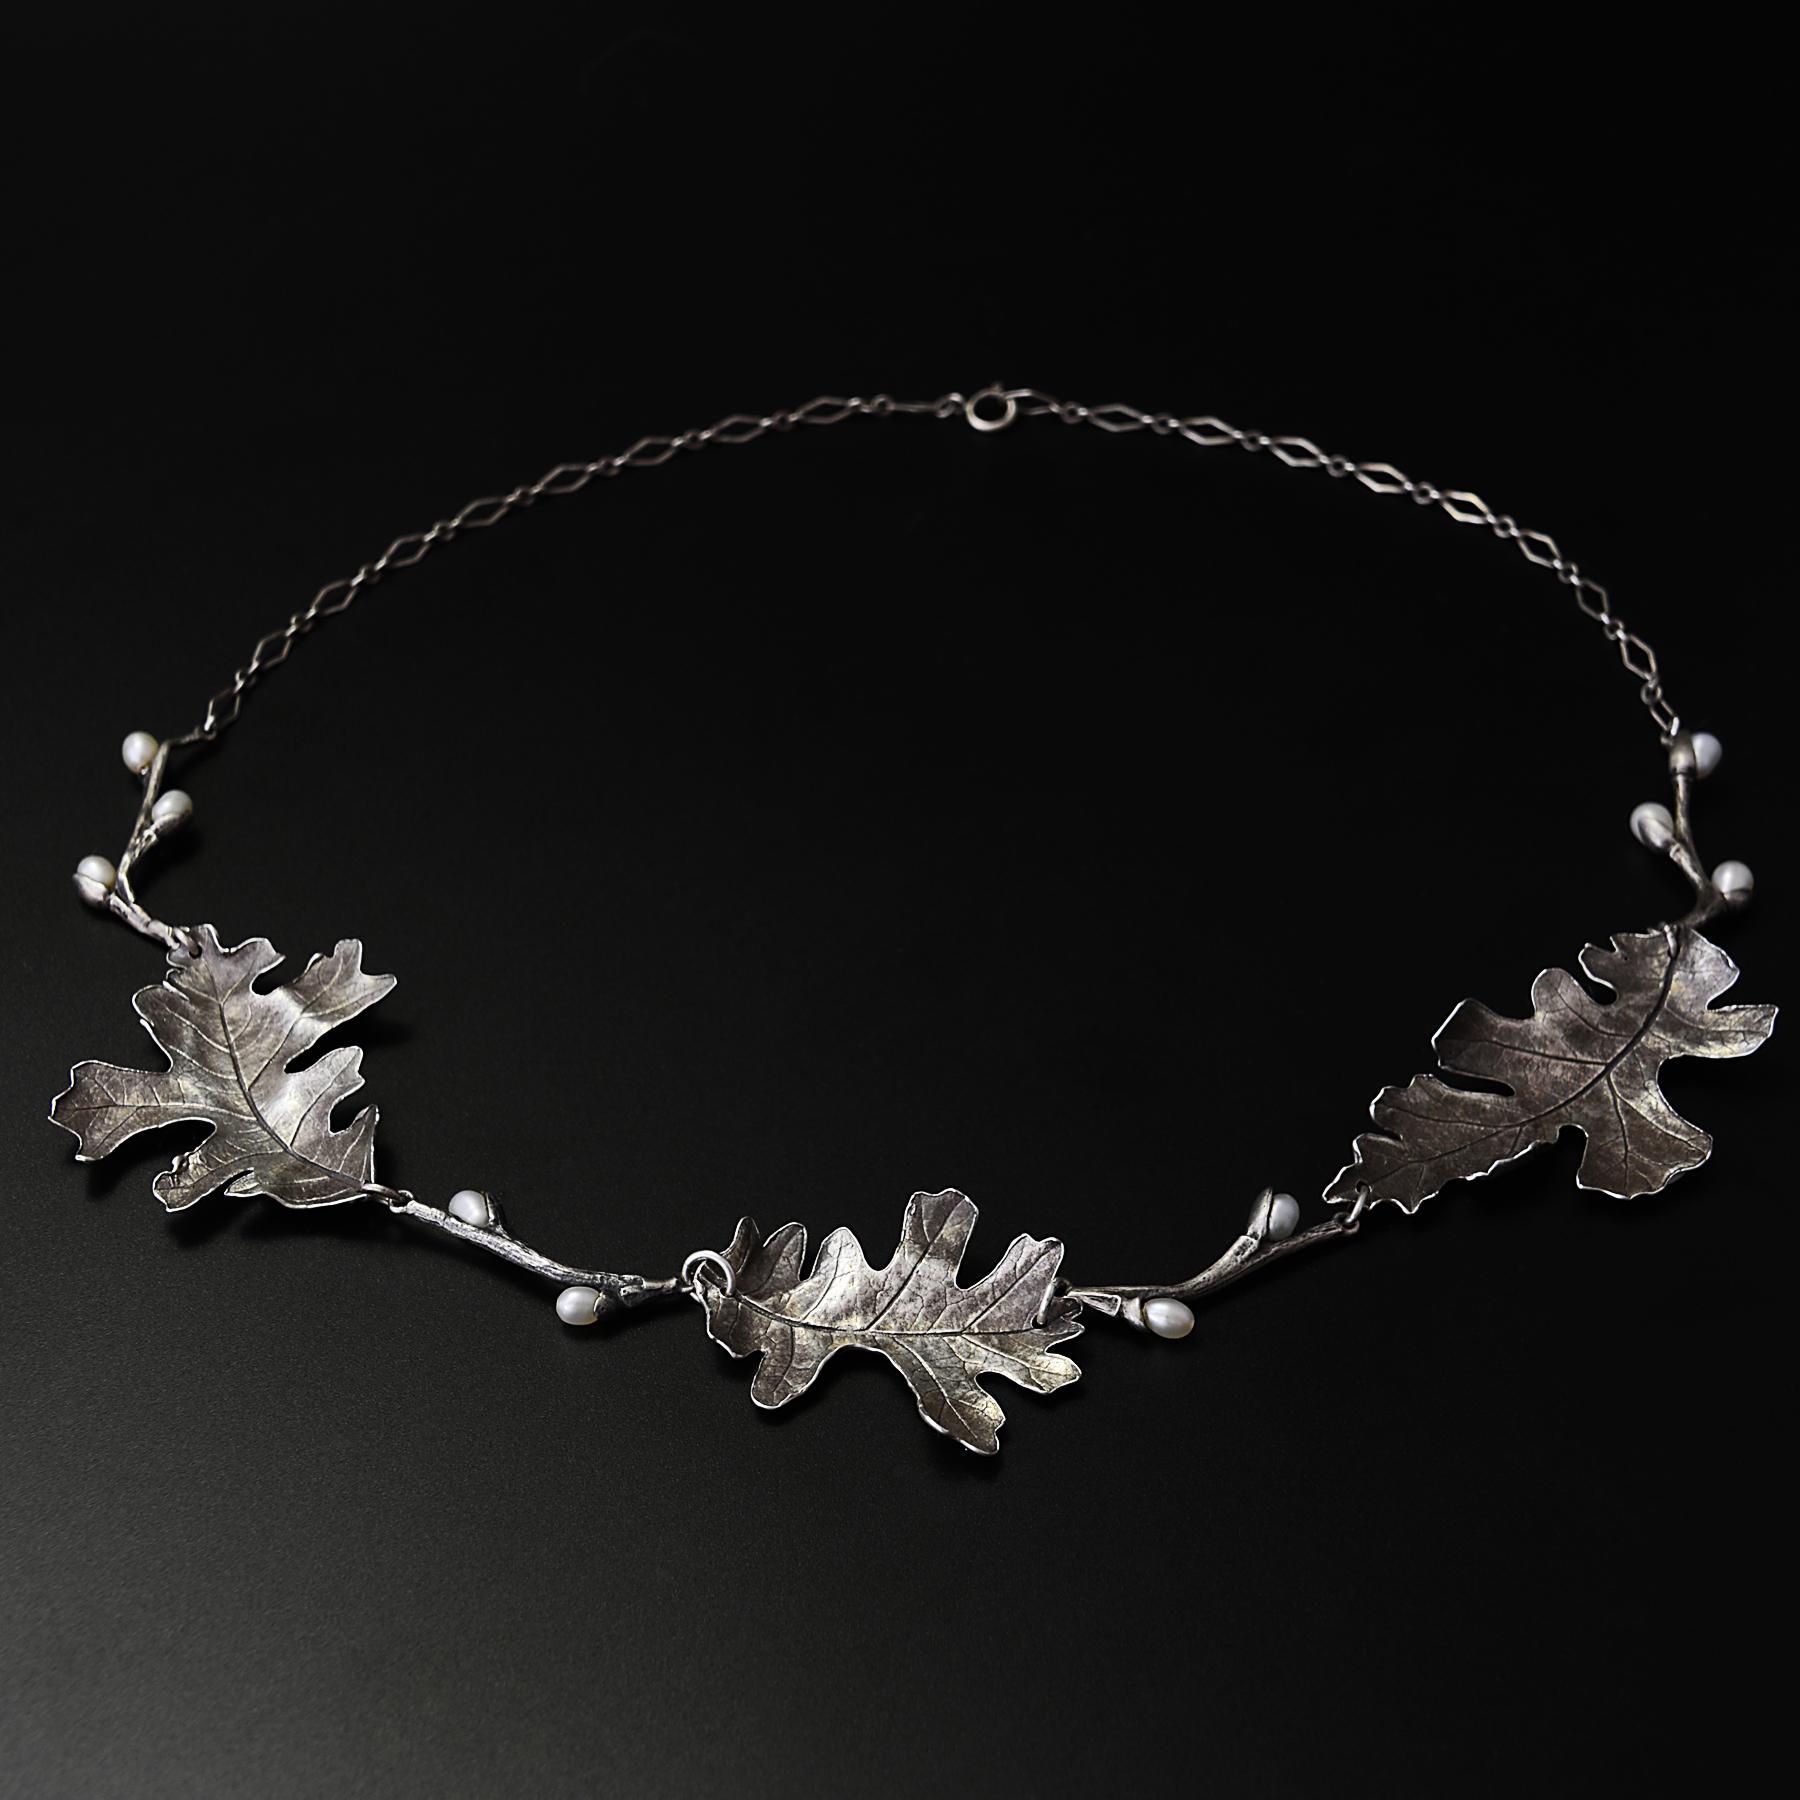 oak-pearl-necklace-michelle-hoting-web.jpg